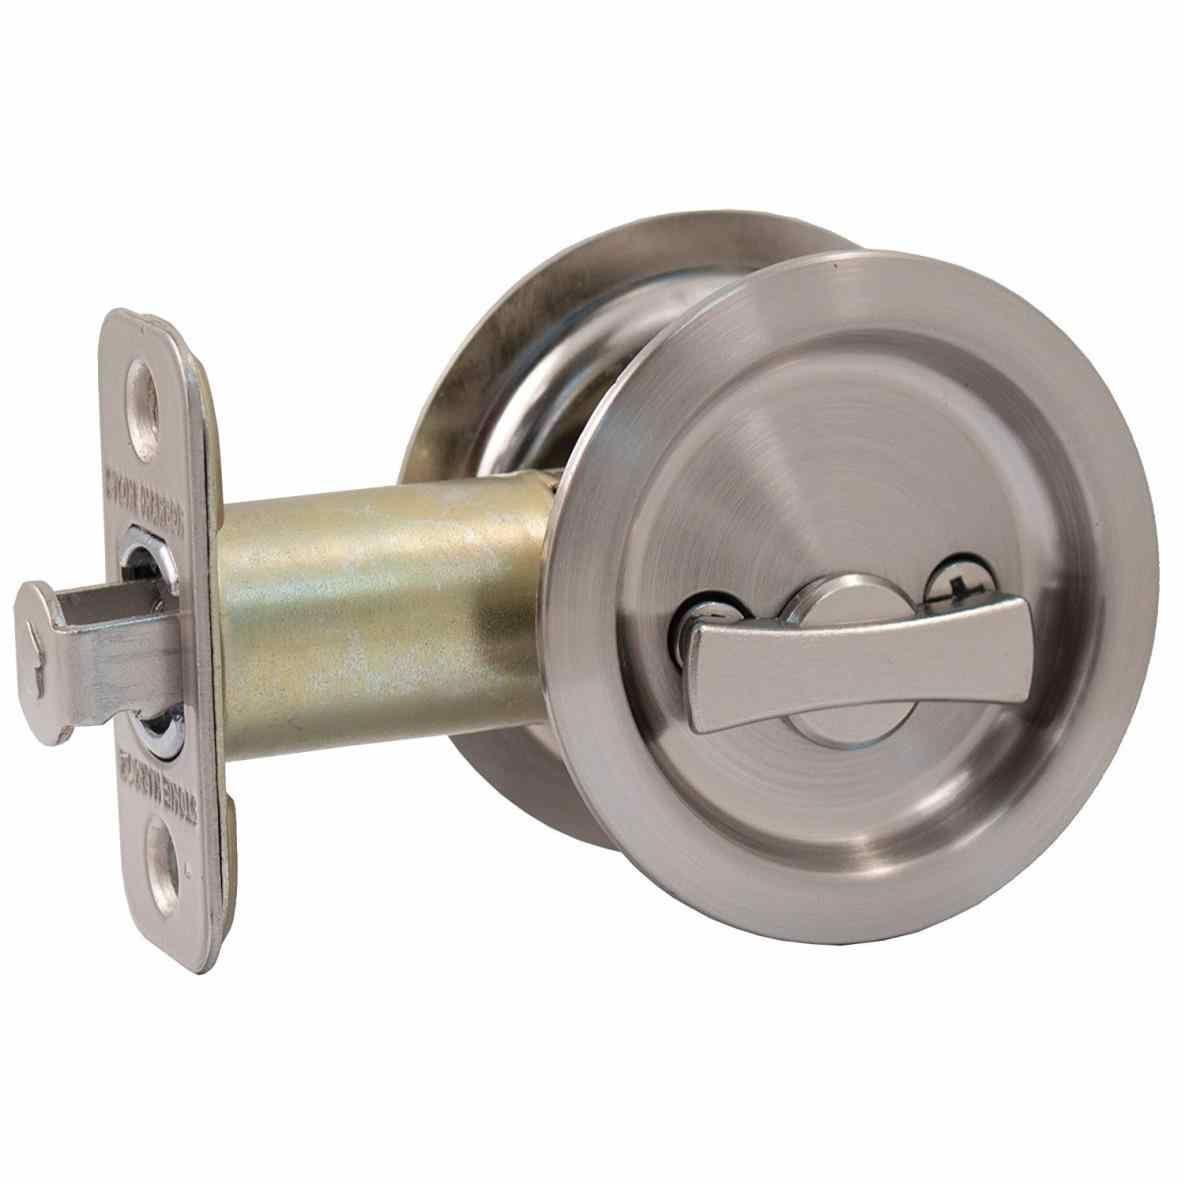 Coolest Bathroom Pocket Door Lock Pocket Door Bathroom Lock About